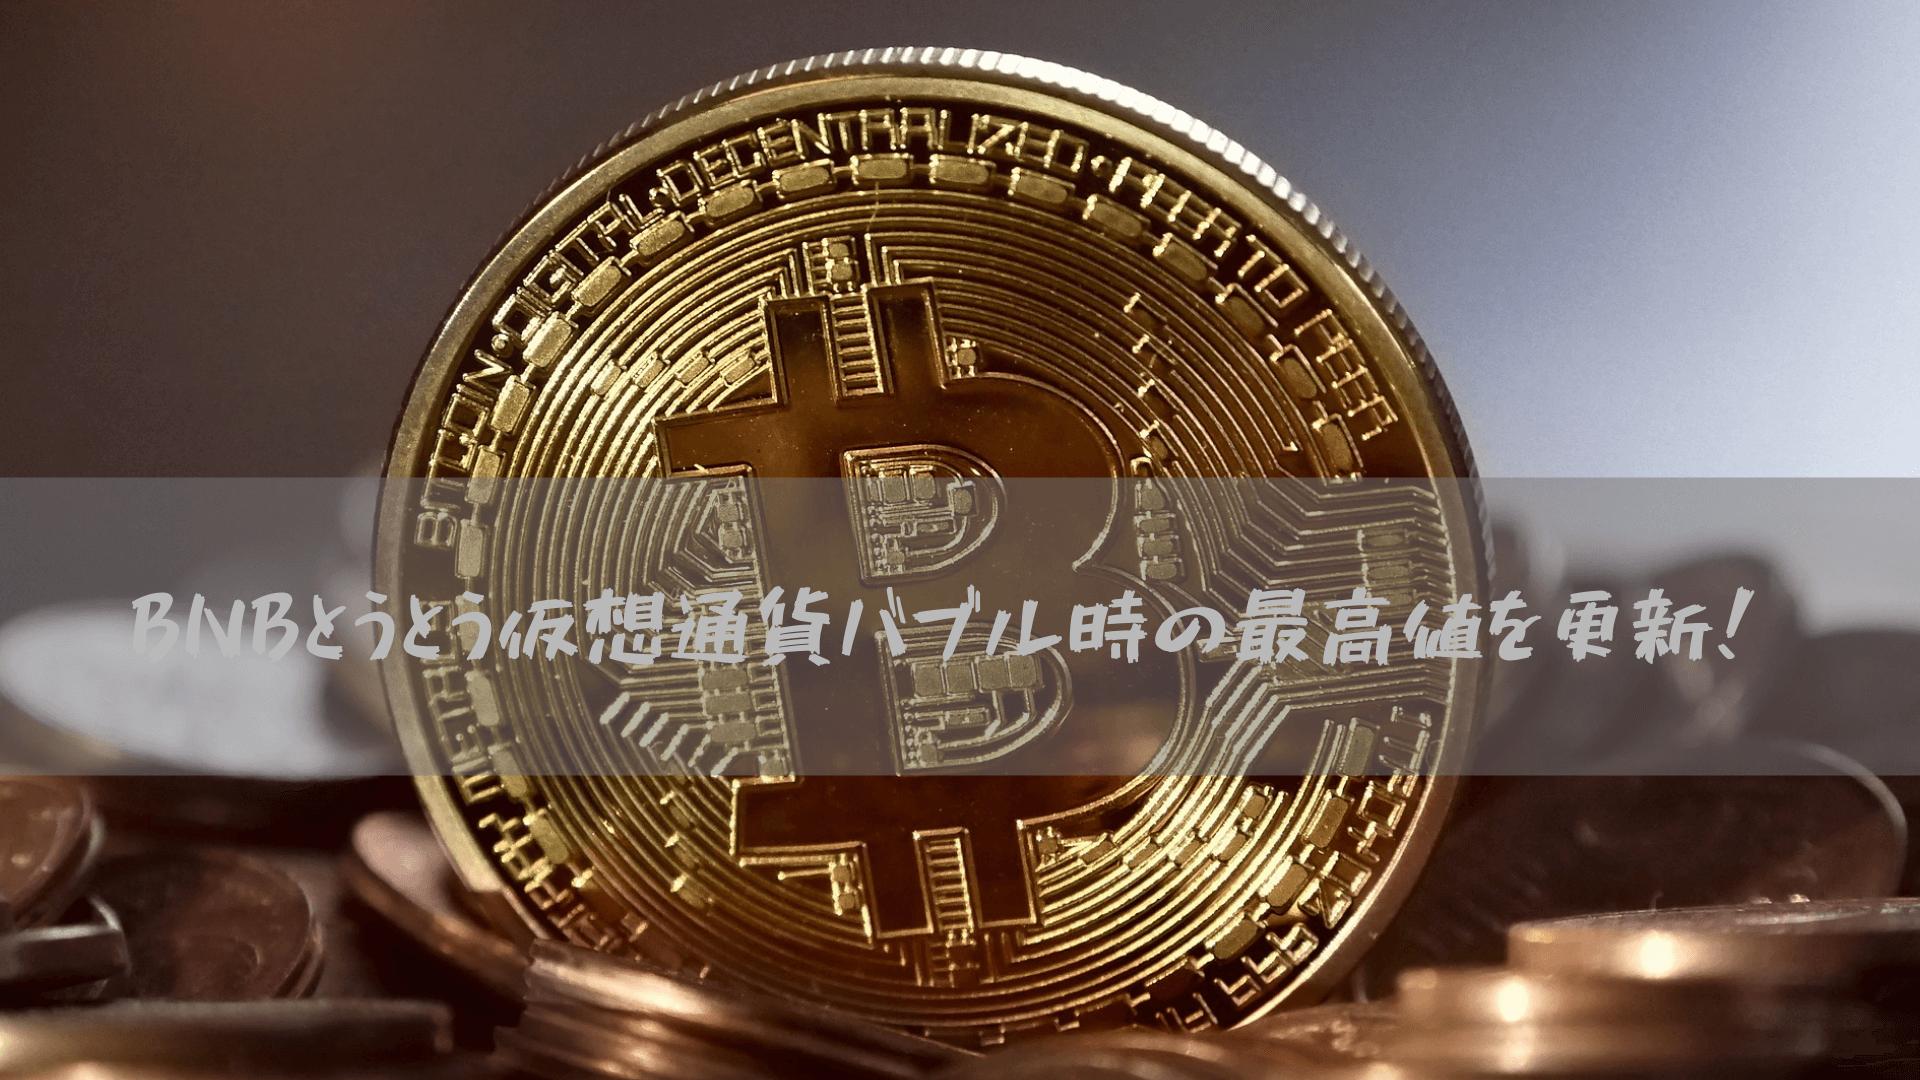 BNBとうとう仮想通貨バブル時の最高値を更新!